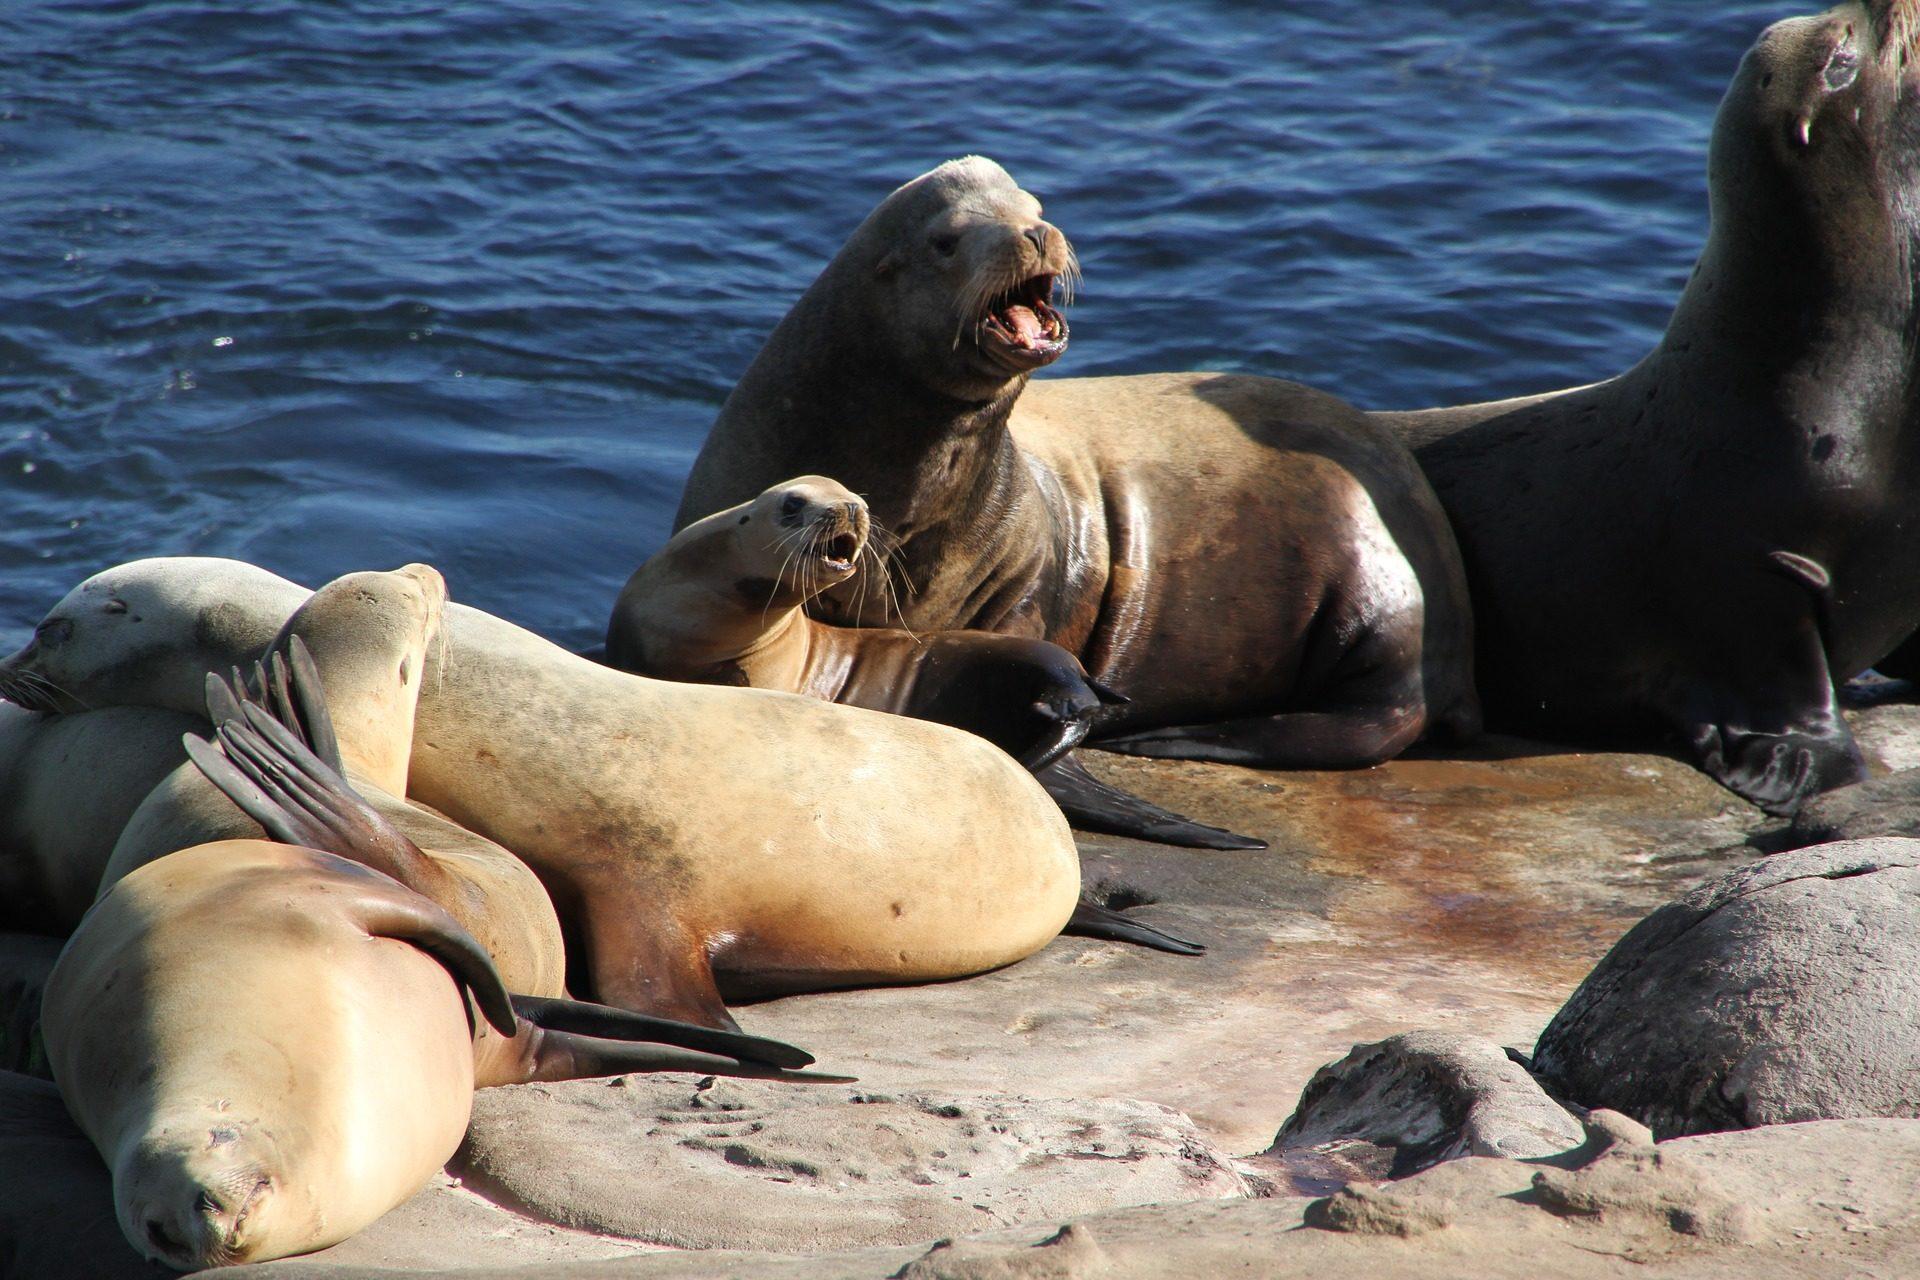 密封件, 海狮, 海洋, 野生, 哥斯达黎加 - 高清壁纸 - 教授-falken.com